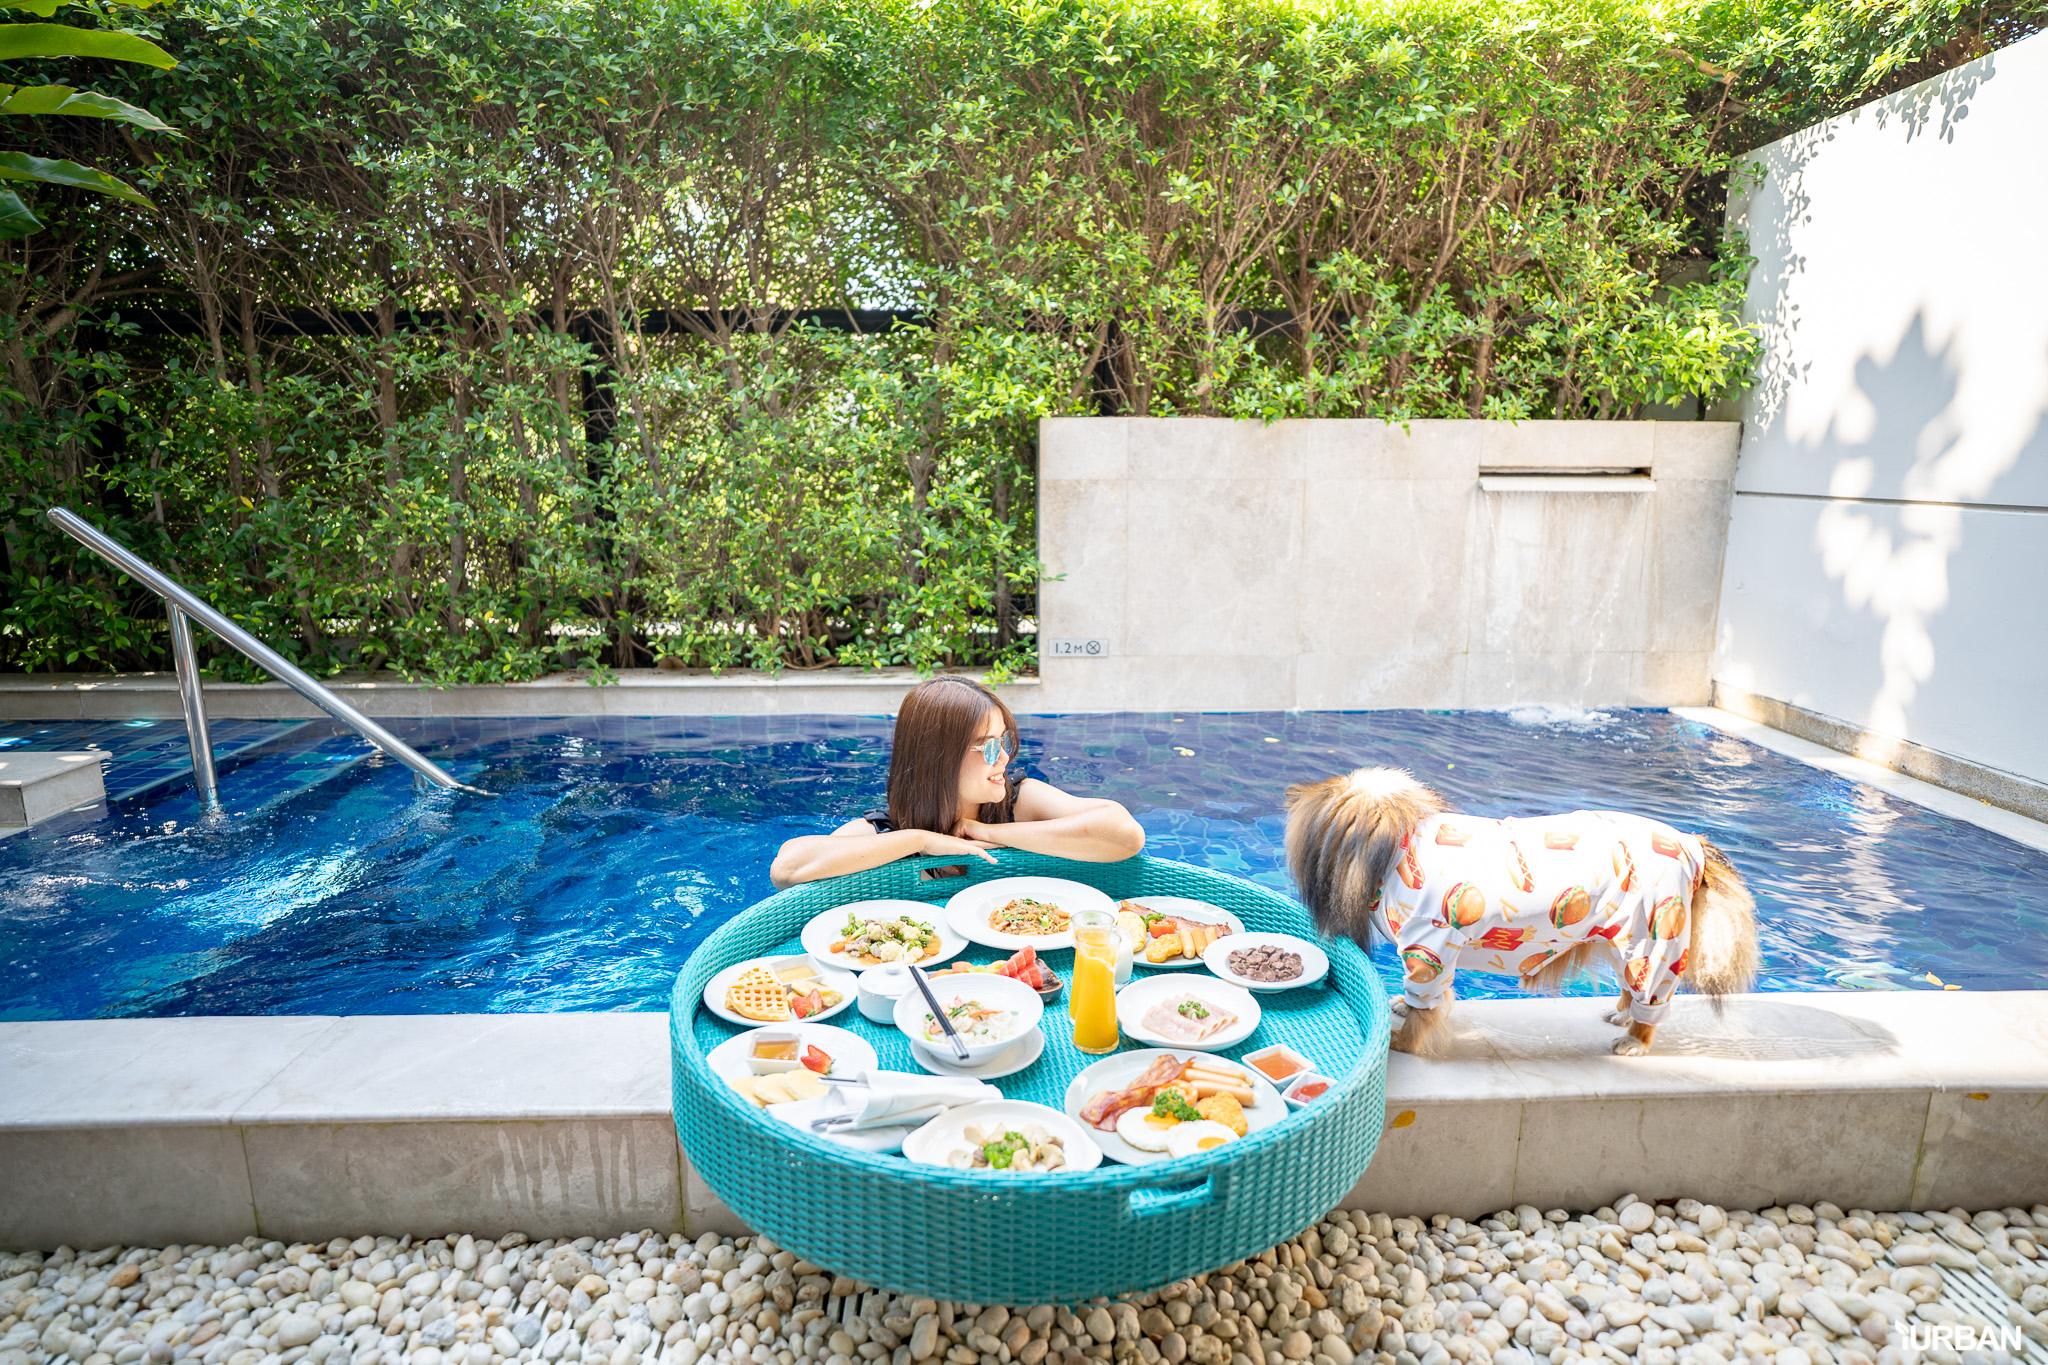 รีวิว Avani+ Hua Hin Resort พูลวิลล่าส่วนตัวสุดหรู หนึ่งในรีสอร์ทสุนัขพักได้ที่ดีที่สุดในไทยจากเชนจ์ Minor 58 - Avani